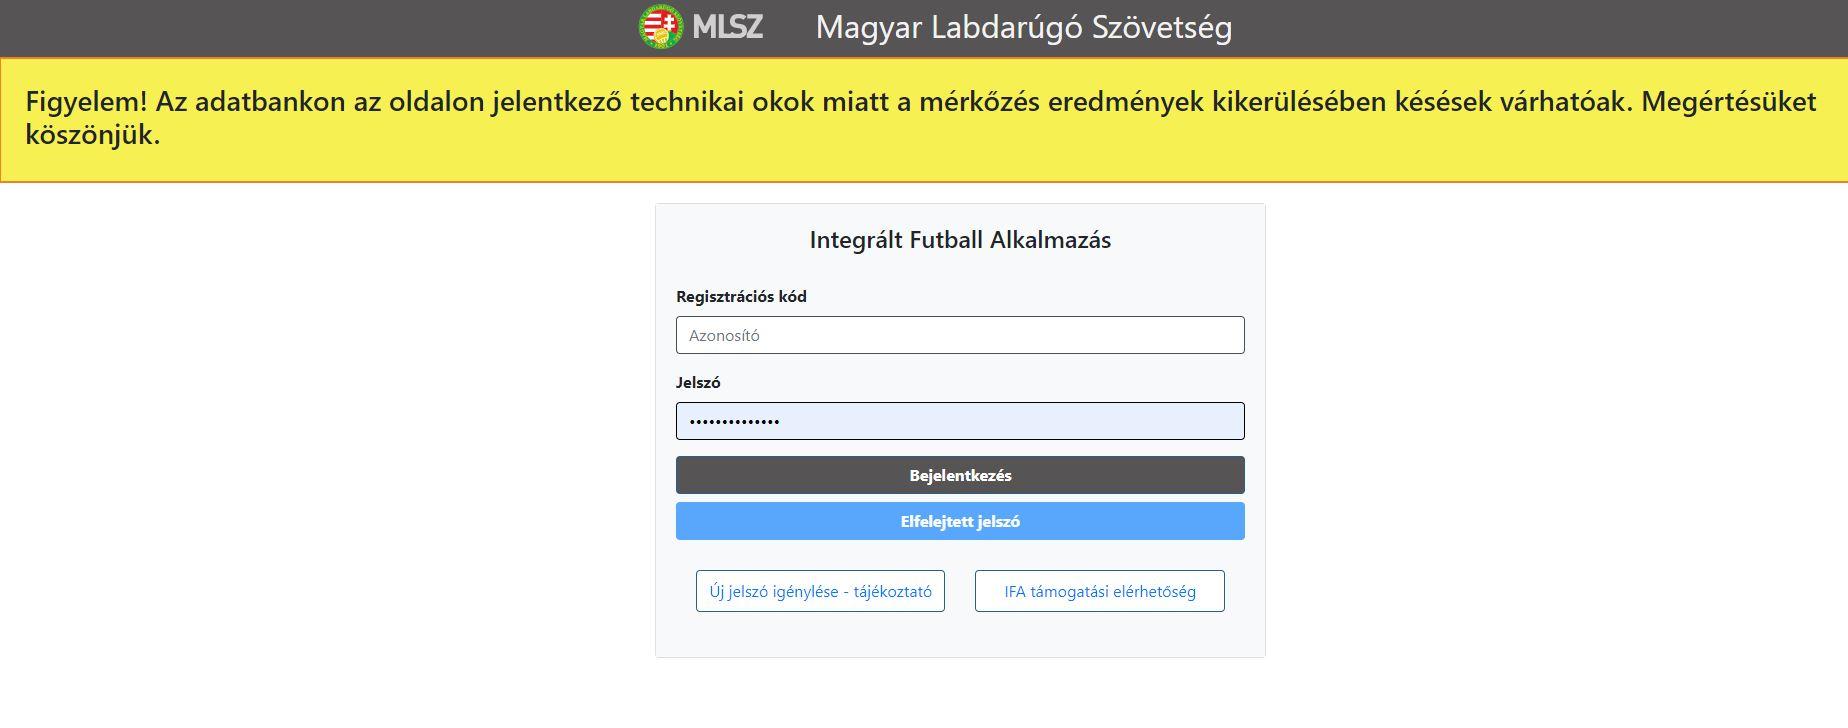 Ifa - 2019.04.05 - forrás: mlsz.hu